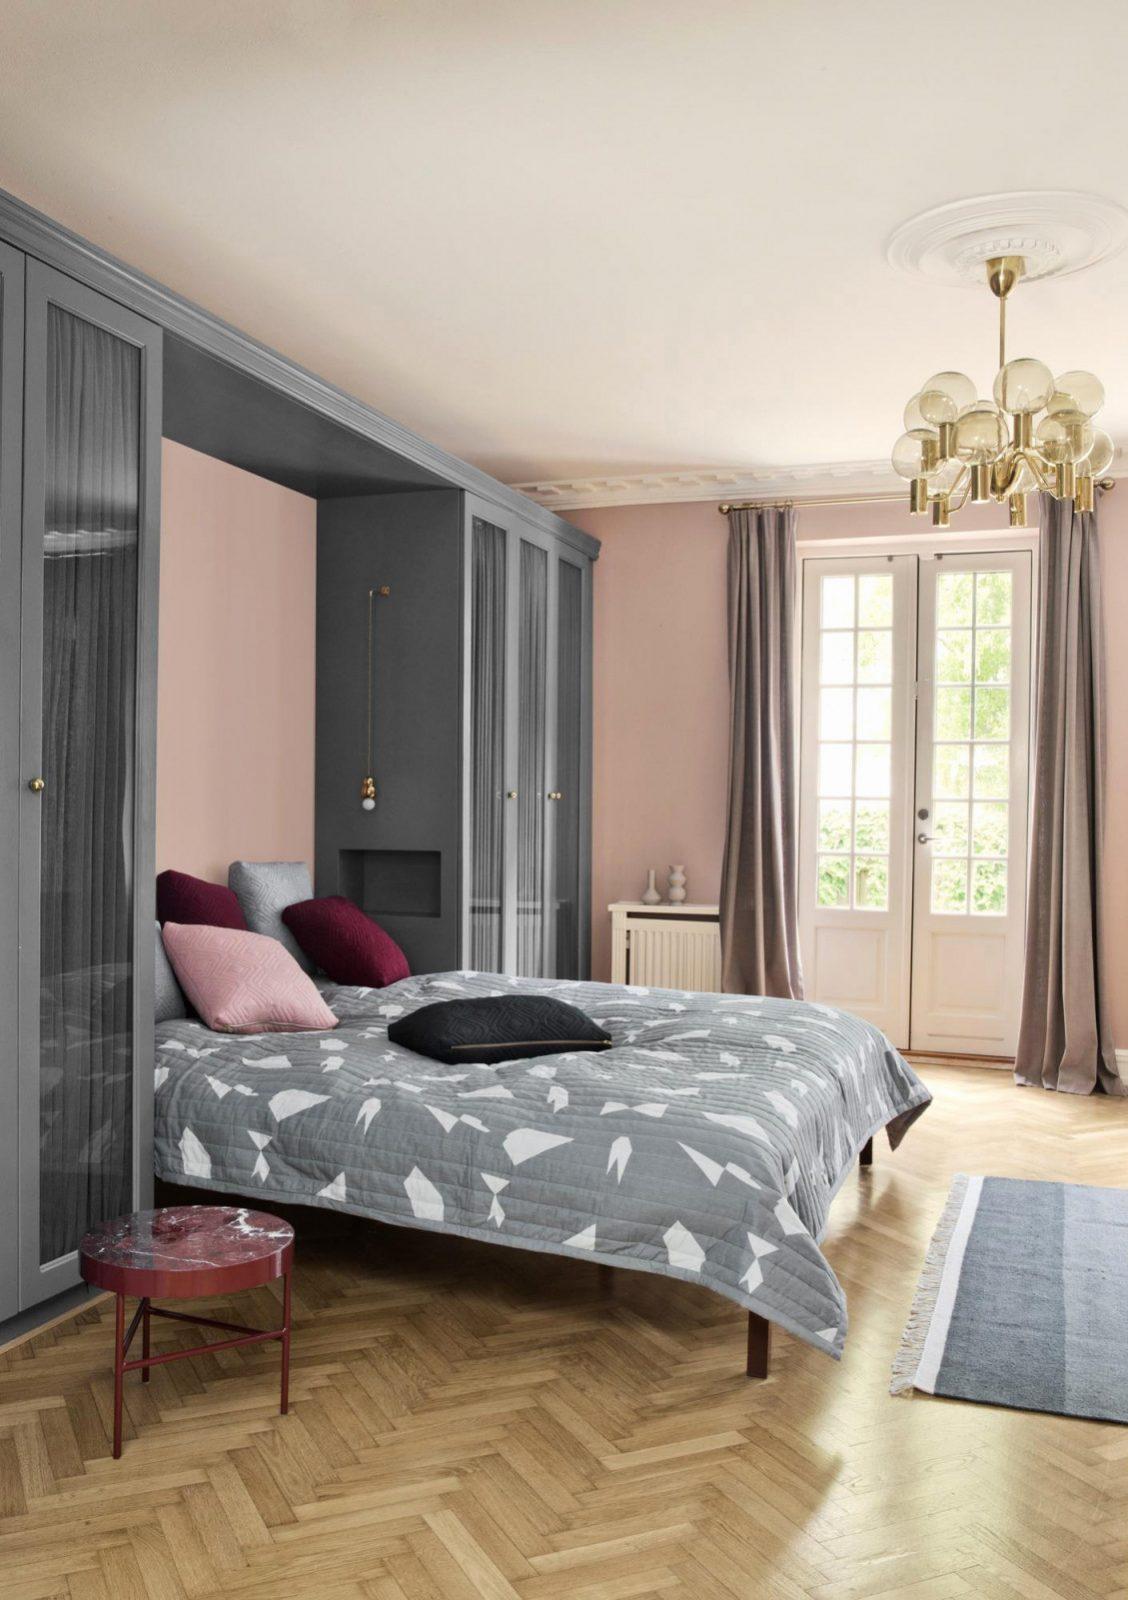 31 Luxus Schlafzimmer Grau Rosa  Buch Schlafzimmer Gestalten von Schlafzimmer Ideen Grau Bild